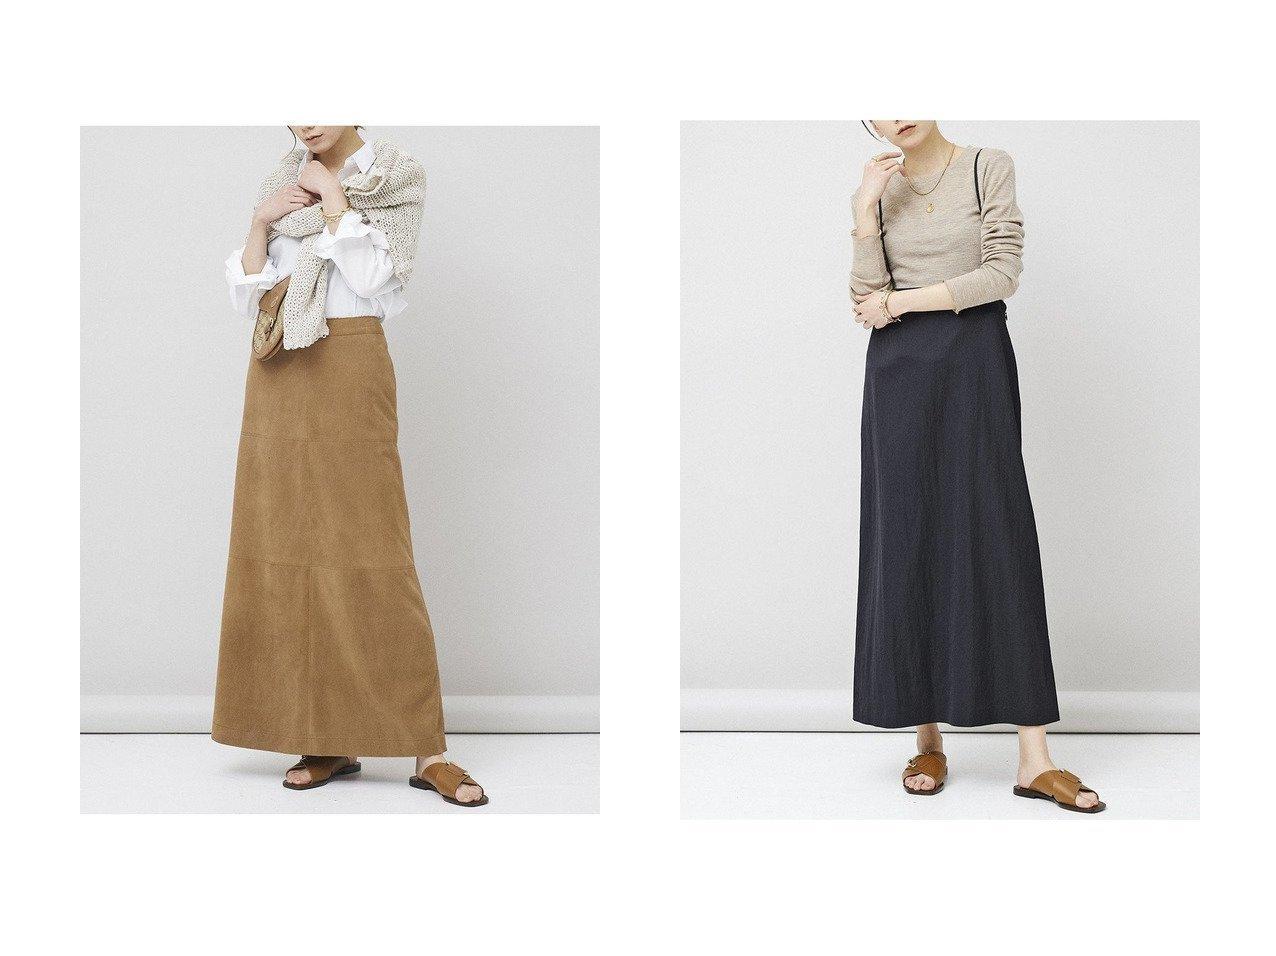 【Curensology/カレンソロジー】のサテンサロペットスカート&スウェードスカート スカートのおすすめ!人気、トレンド・レディースファッションの通販 おすすめで人気の流行・トレンド、ファッションの通販商品 メンズファッション・キッズファッション・インテリア・家具・レディースファッション・服の通販 founy(ファニー) https://founy.com/ ファッション Fashion レディースファッション WOMEN スカート Skirt ロングスカート Long Skirt 2021年 2021 2021 春夏 S/S SS Spring/Summer 2021 S/S 春夏 SS Spring/Summer なめらか リアル ロング 春 Spring  ID:crp329100000015297